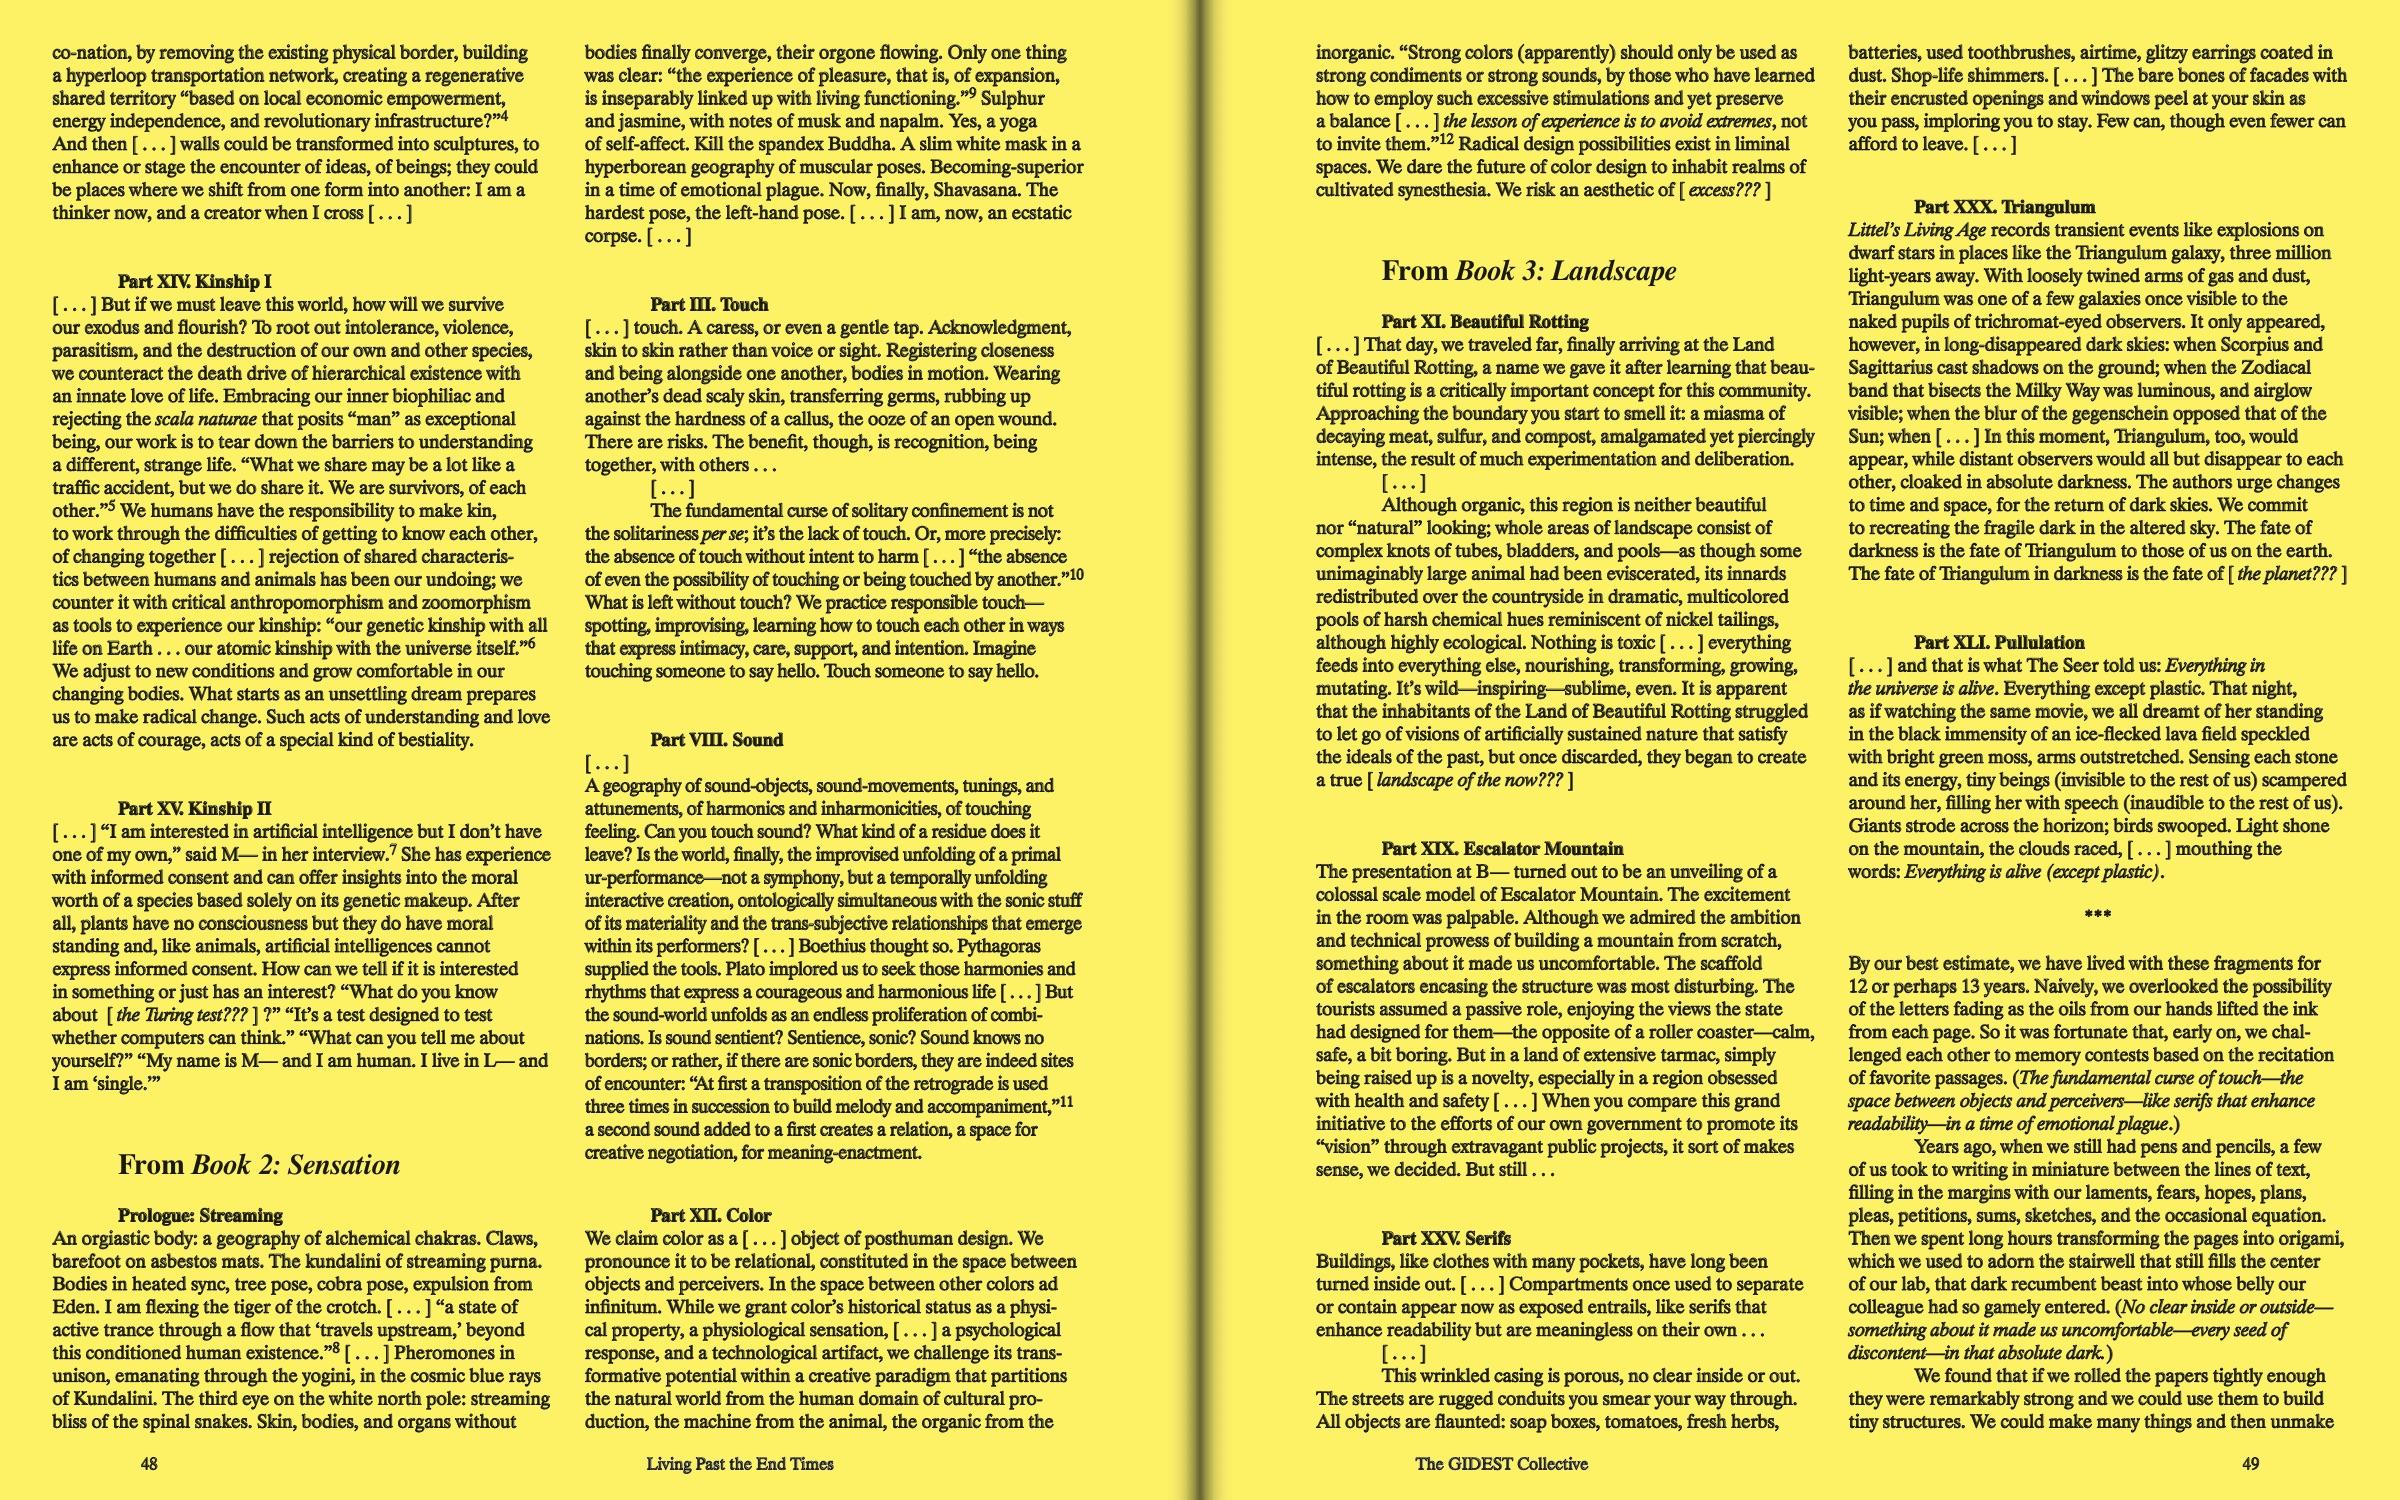 GIDEST article 2.jpg